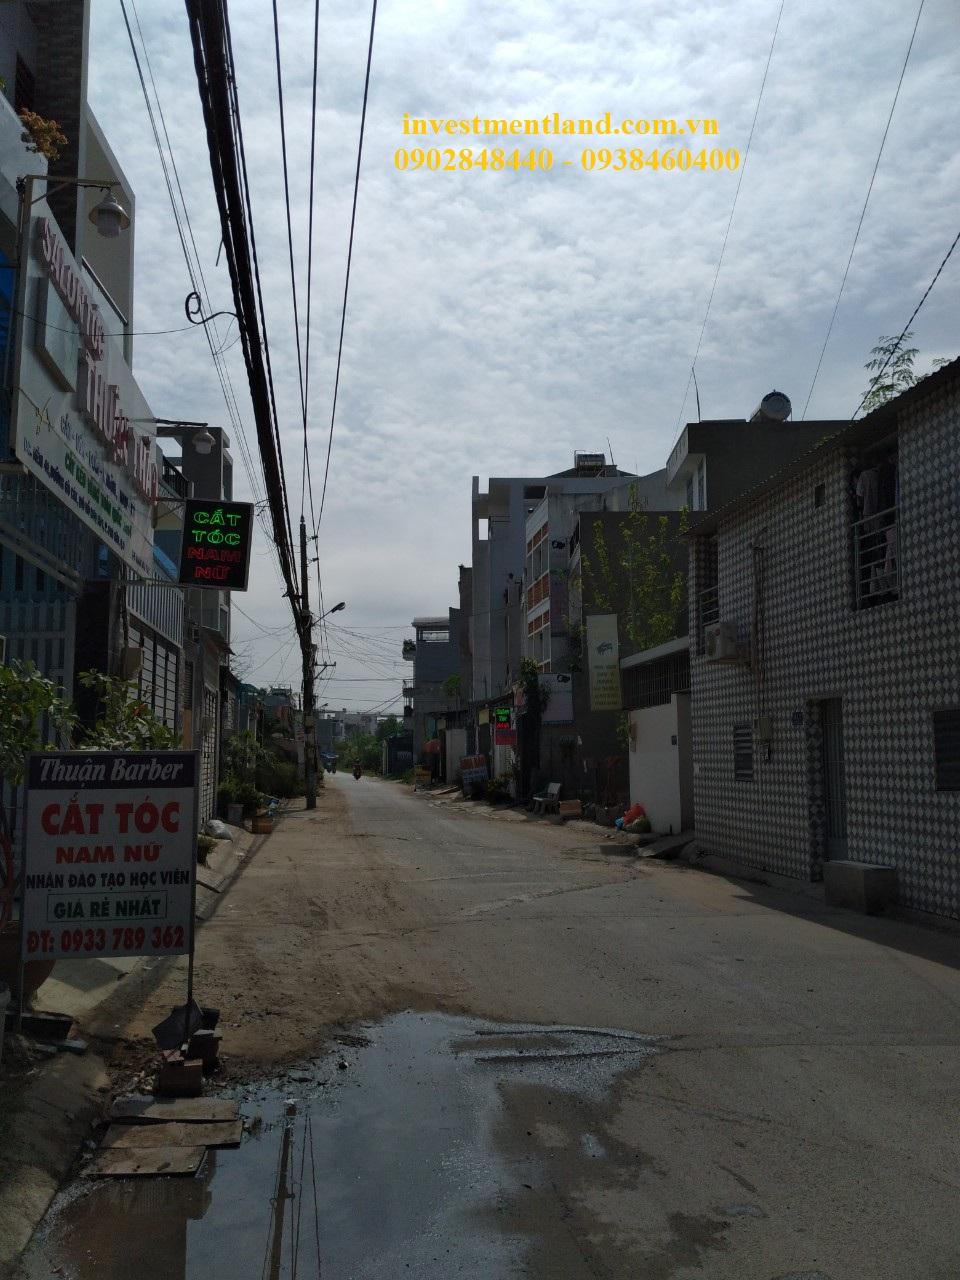 Đường trước nhà hẻm xe hơi đường Gò Cát, Phường Phú Hữu, Quận 9, Tp.HCM